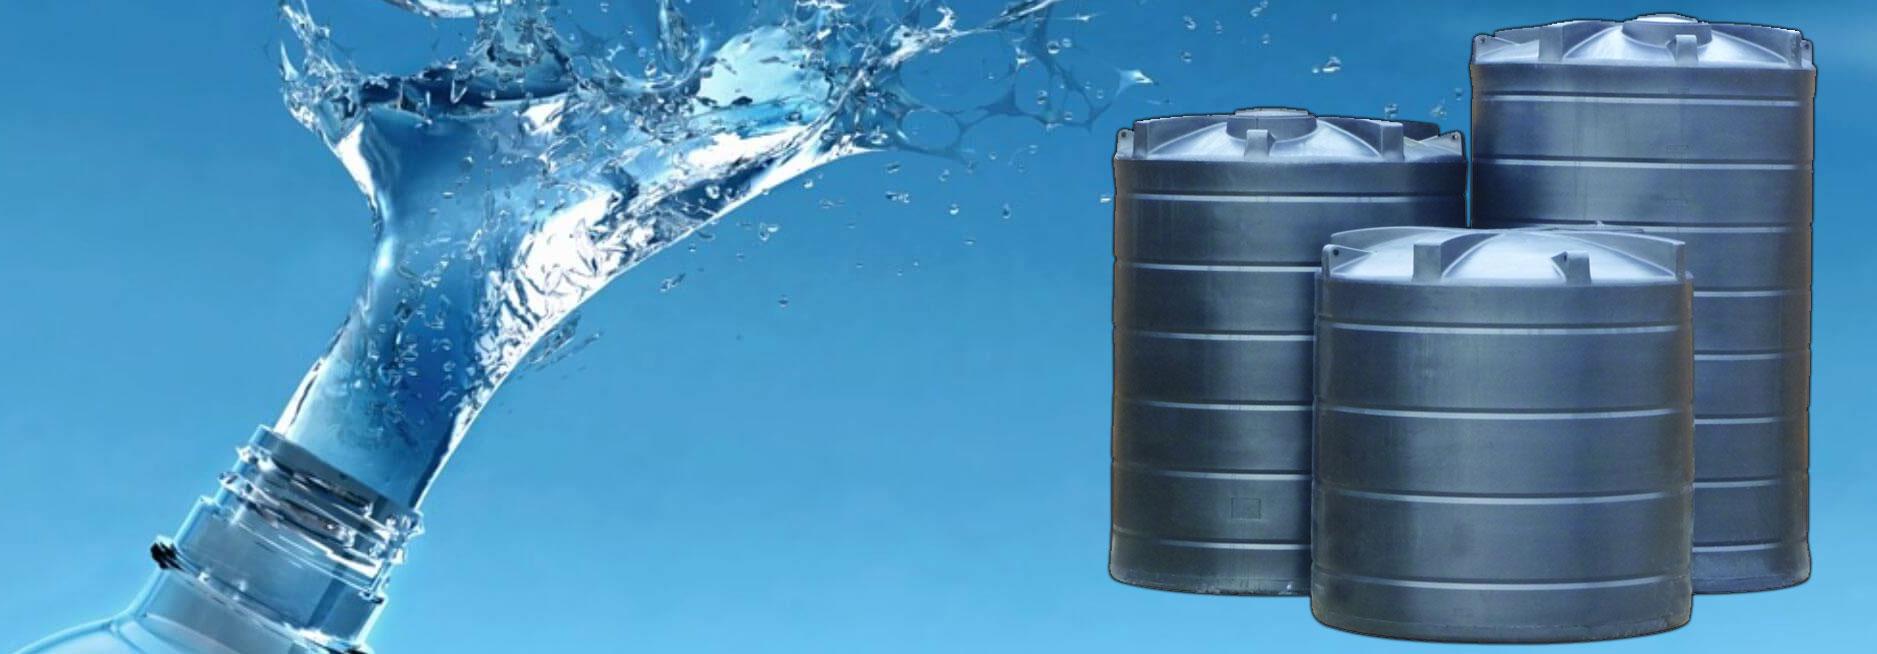 شركة تنظيف خزانات بالخرج 0532625892 غسيل وتعقيم وفحص الخزانات